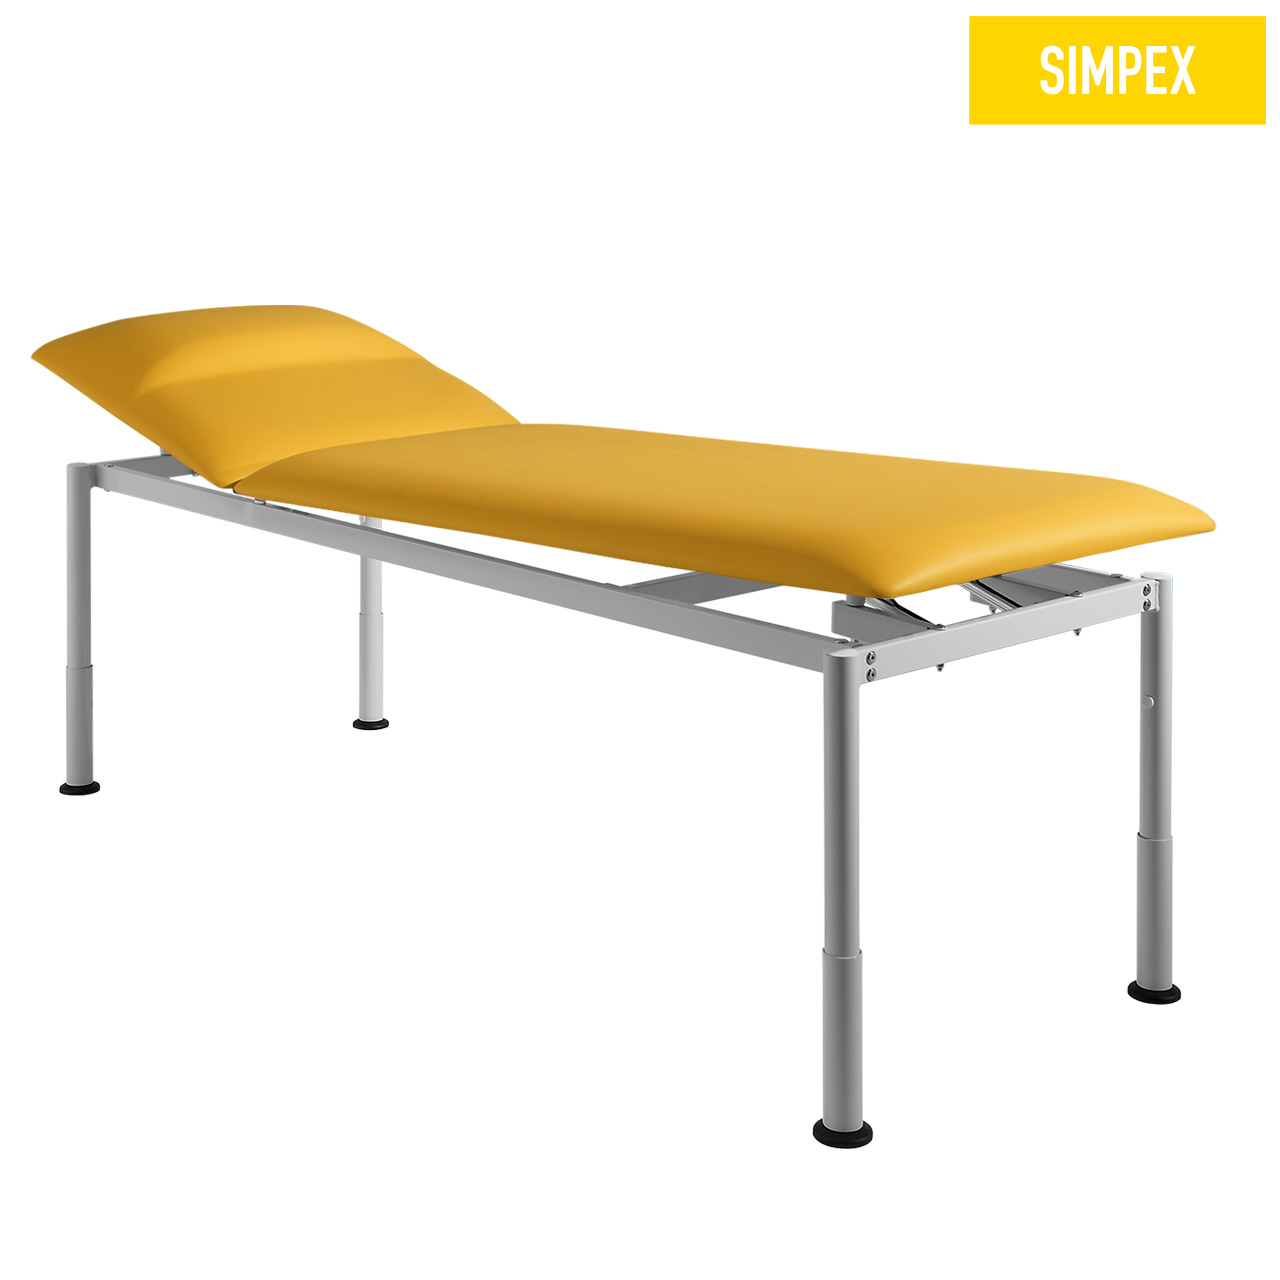 Designerliege RONDO-MED 65 Siesta mit Kunstleder in gelb (mais) und einem Gestell aus Stahl grauweiß gepulvert von SIMPEX